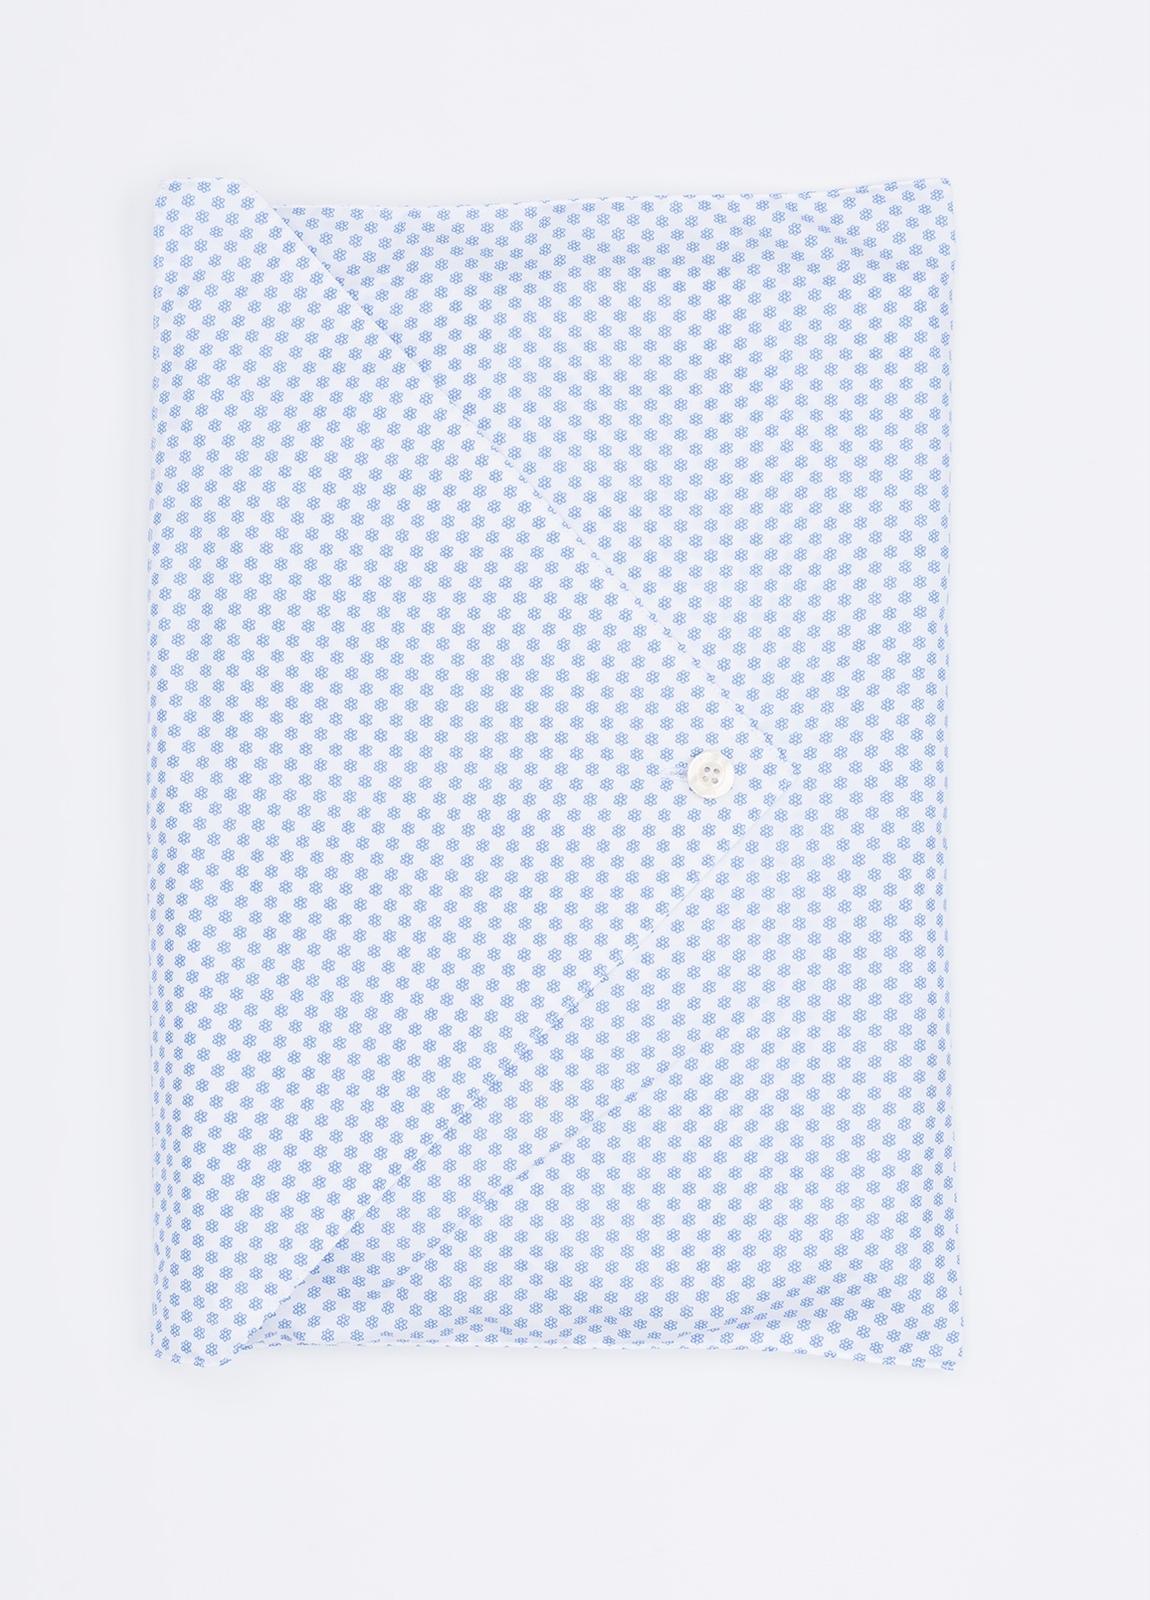 Pijama LARGO dos piezas, pantalón largo con cinta no elástica y funda incluida color celeste con estampado floral. 100% Algodón. - Ítem1